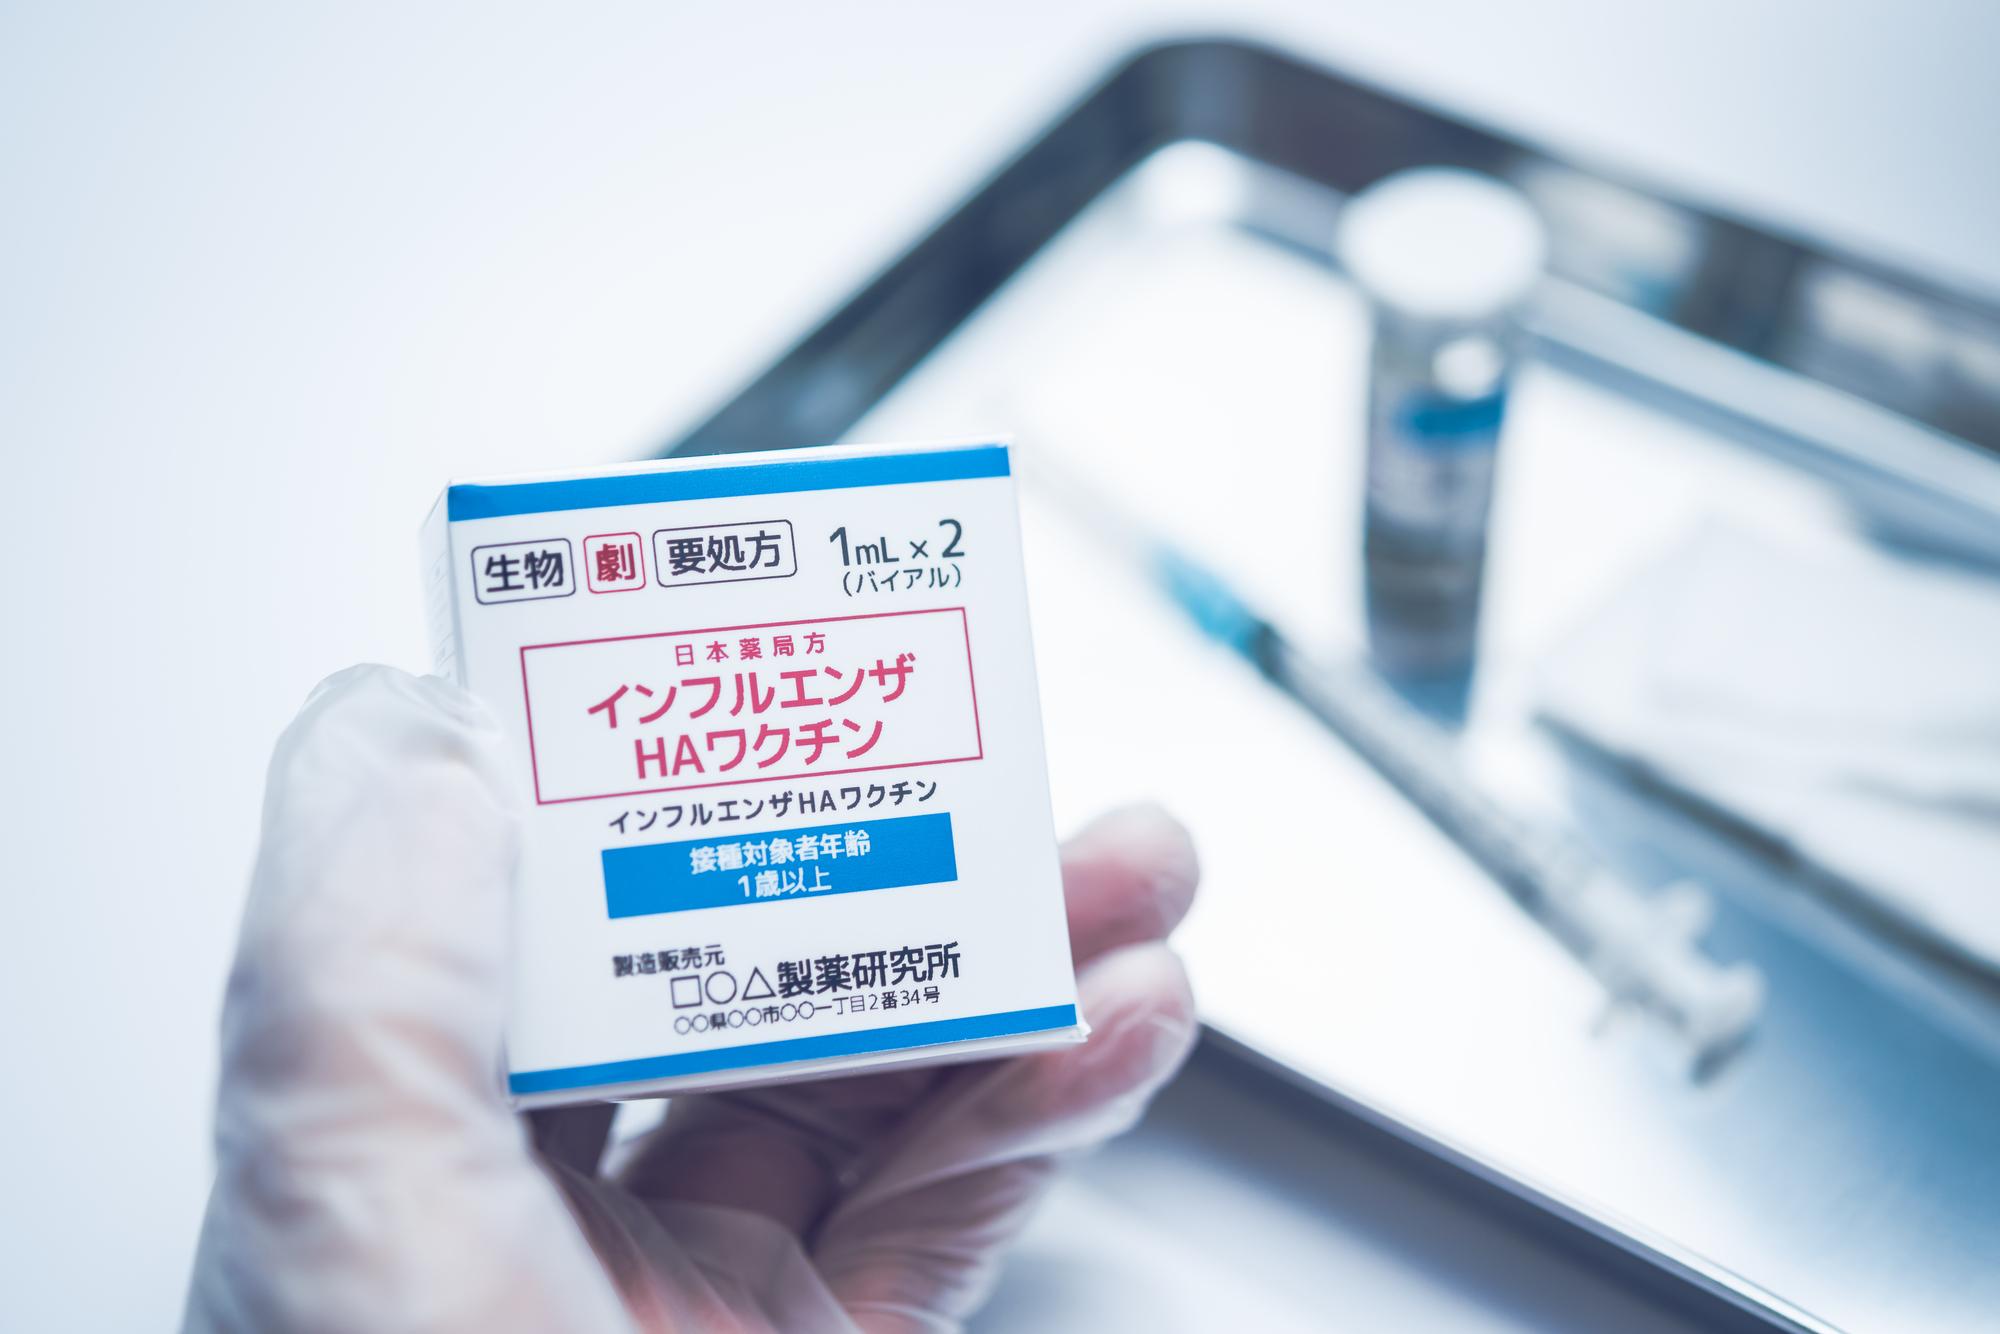 インフルエンザワクチンの効果や接種方法を知ろう